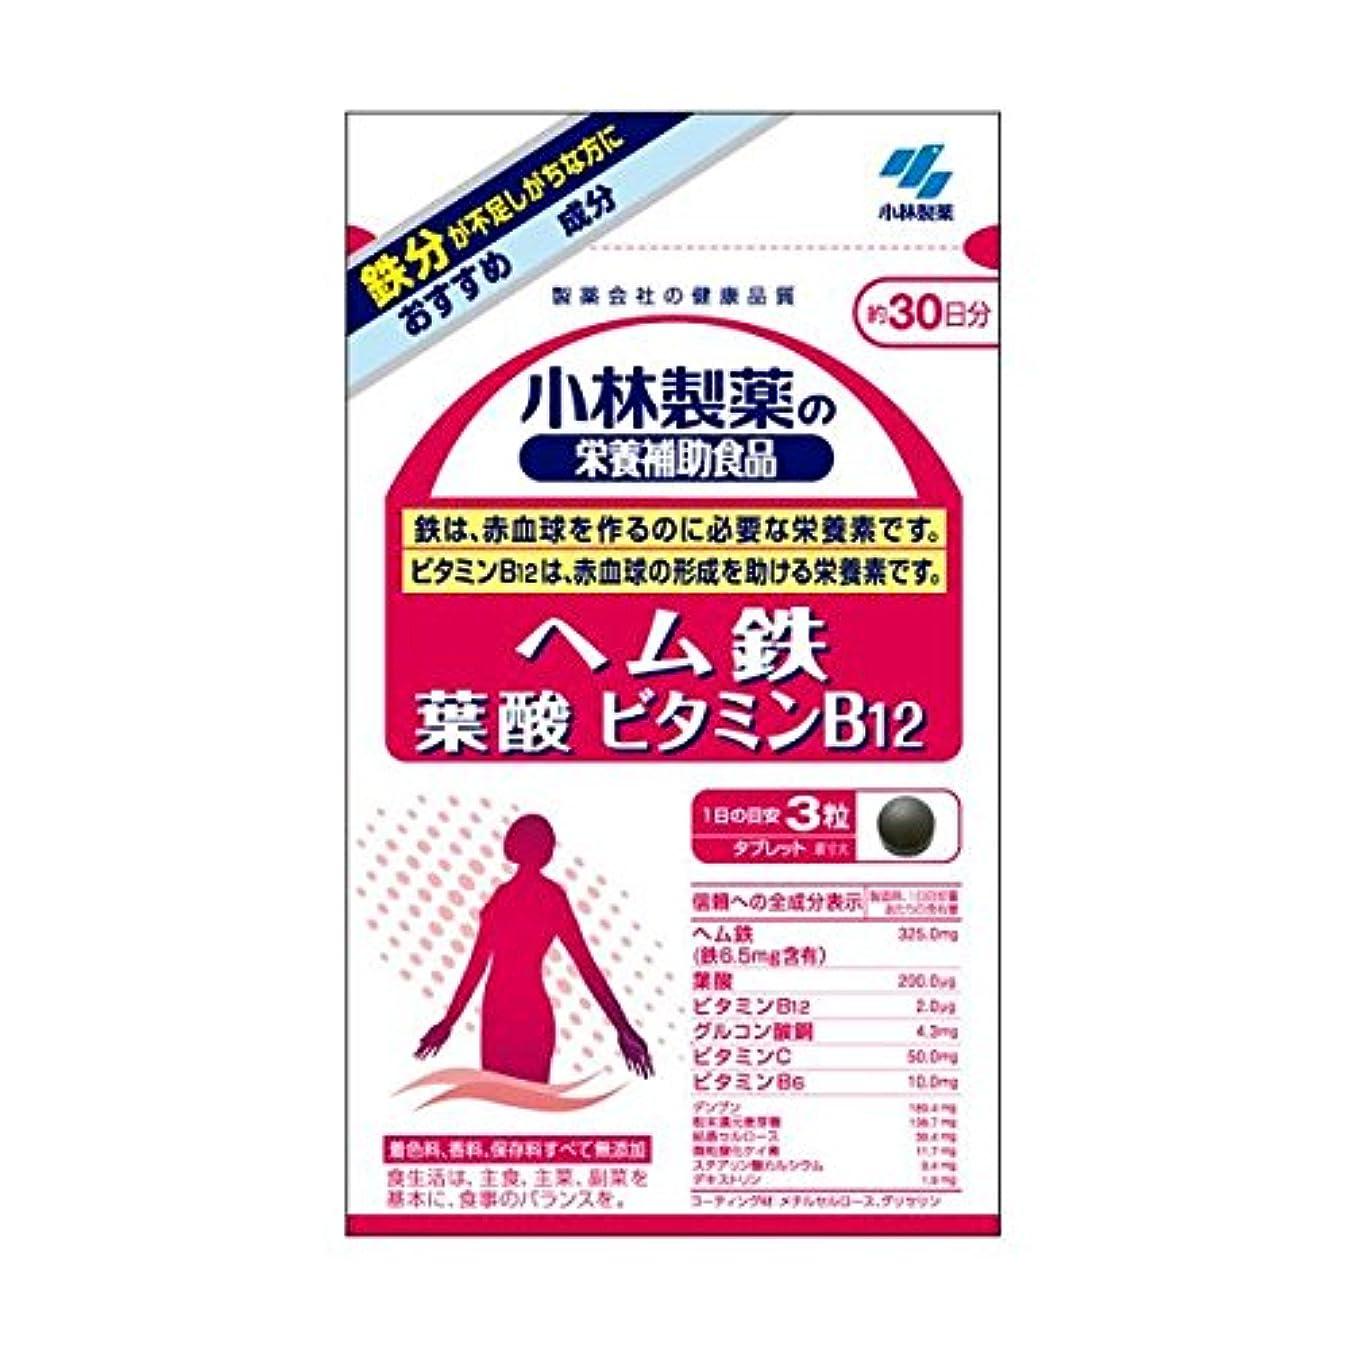 ホテル馬鹿げた尾小林製薬 小林製薬の栄養補助食品ヘム鉄葉酸ビタミンB12 90粒×2